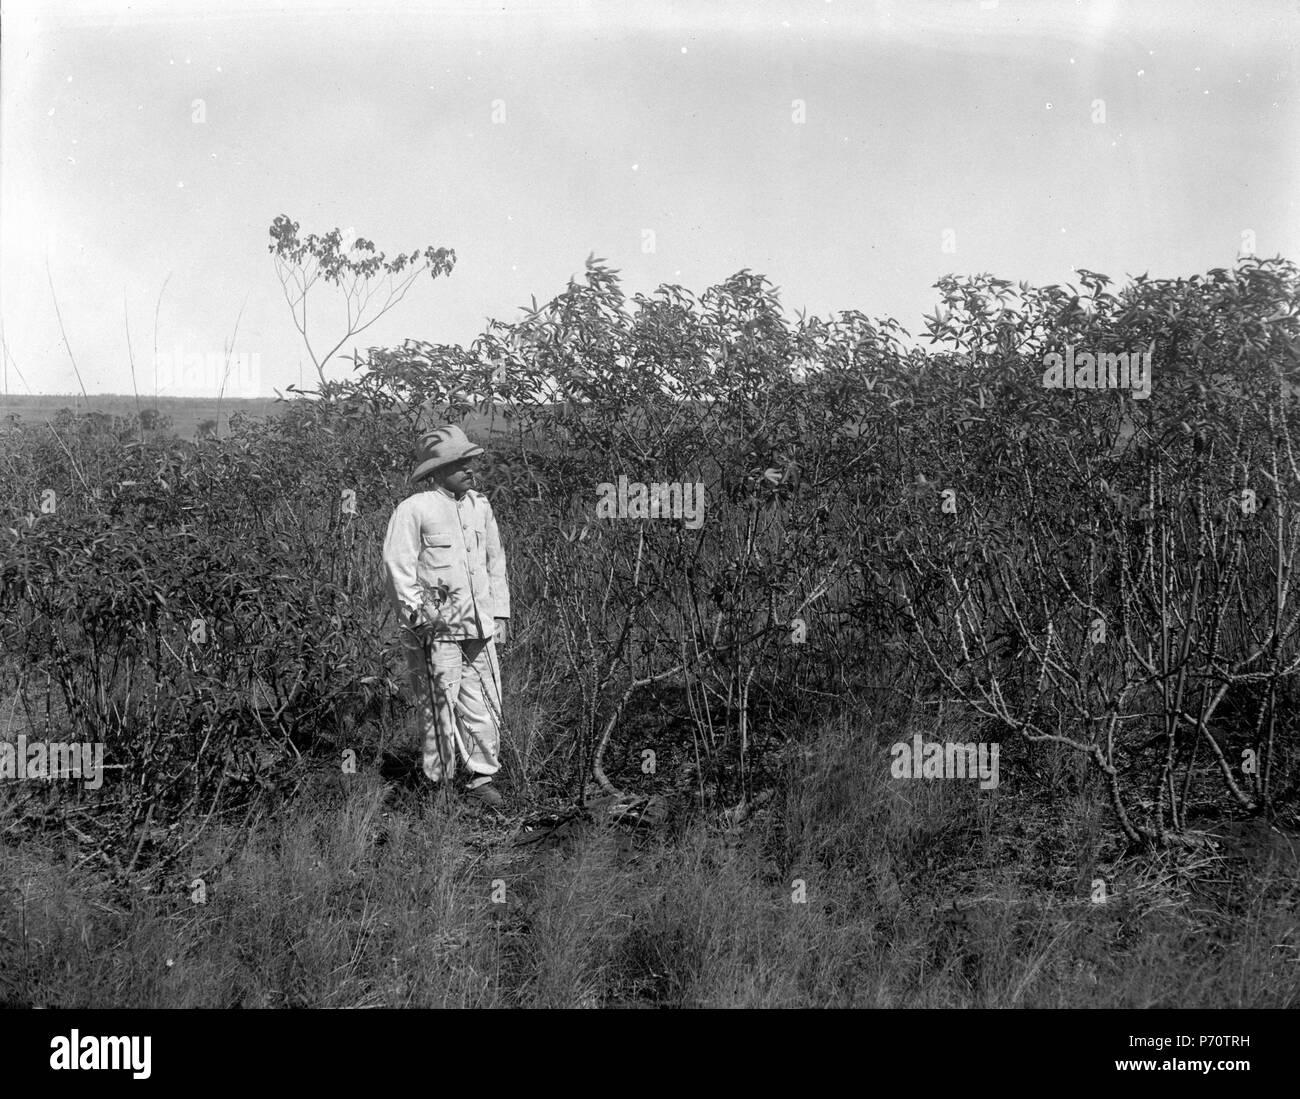 39 Manjokplantering, 2 år gammal. S-te Marie de Marovoay. Madagaskar - SMVK - 021970 - Stock Image